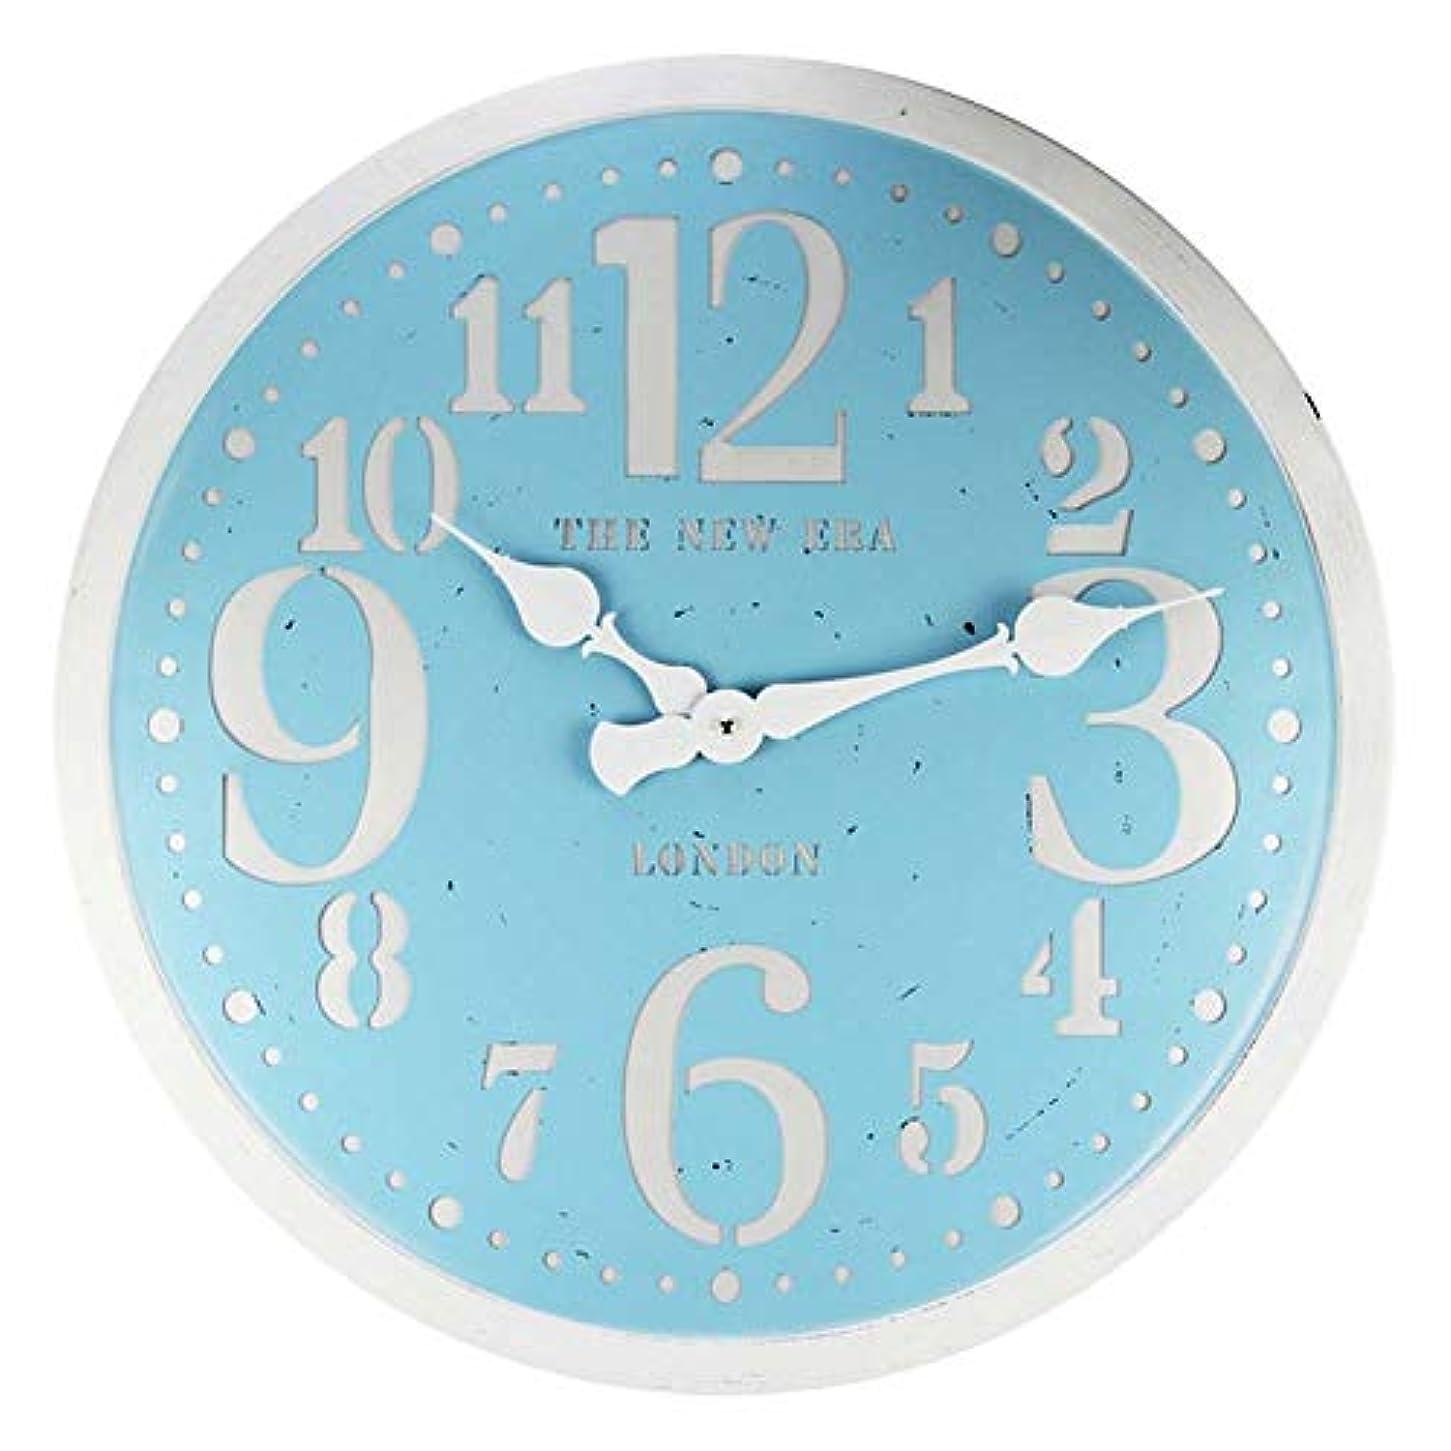 ただやるモニカ絶滅したWsw ホームラウンドレトロLED壁時計リビングルーム錬鉄製壁時計北欧装飾時計テーブル58 * 58 * 4.5 Cm(ブルー) ファッション